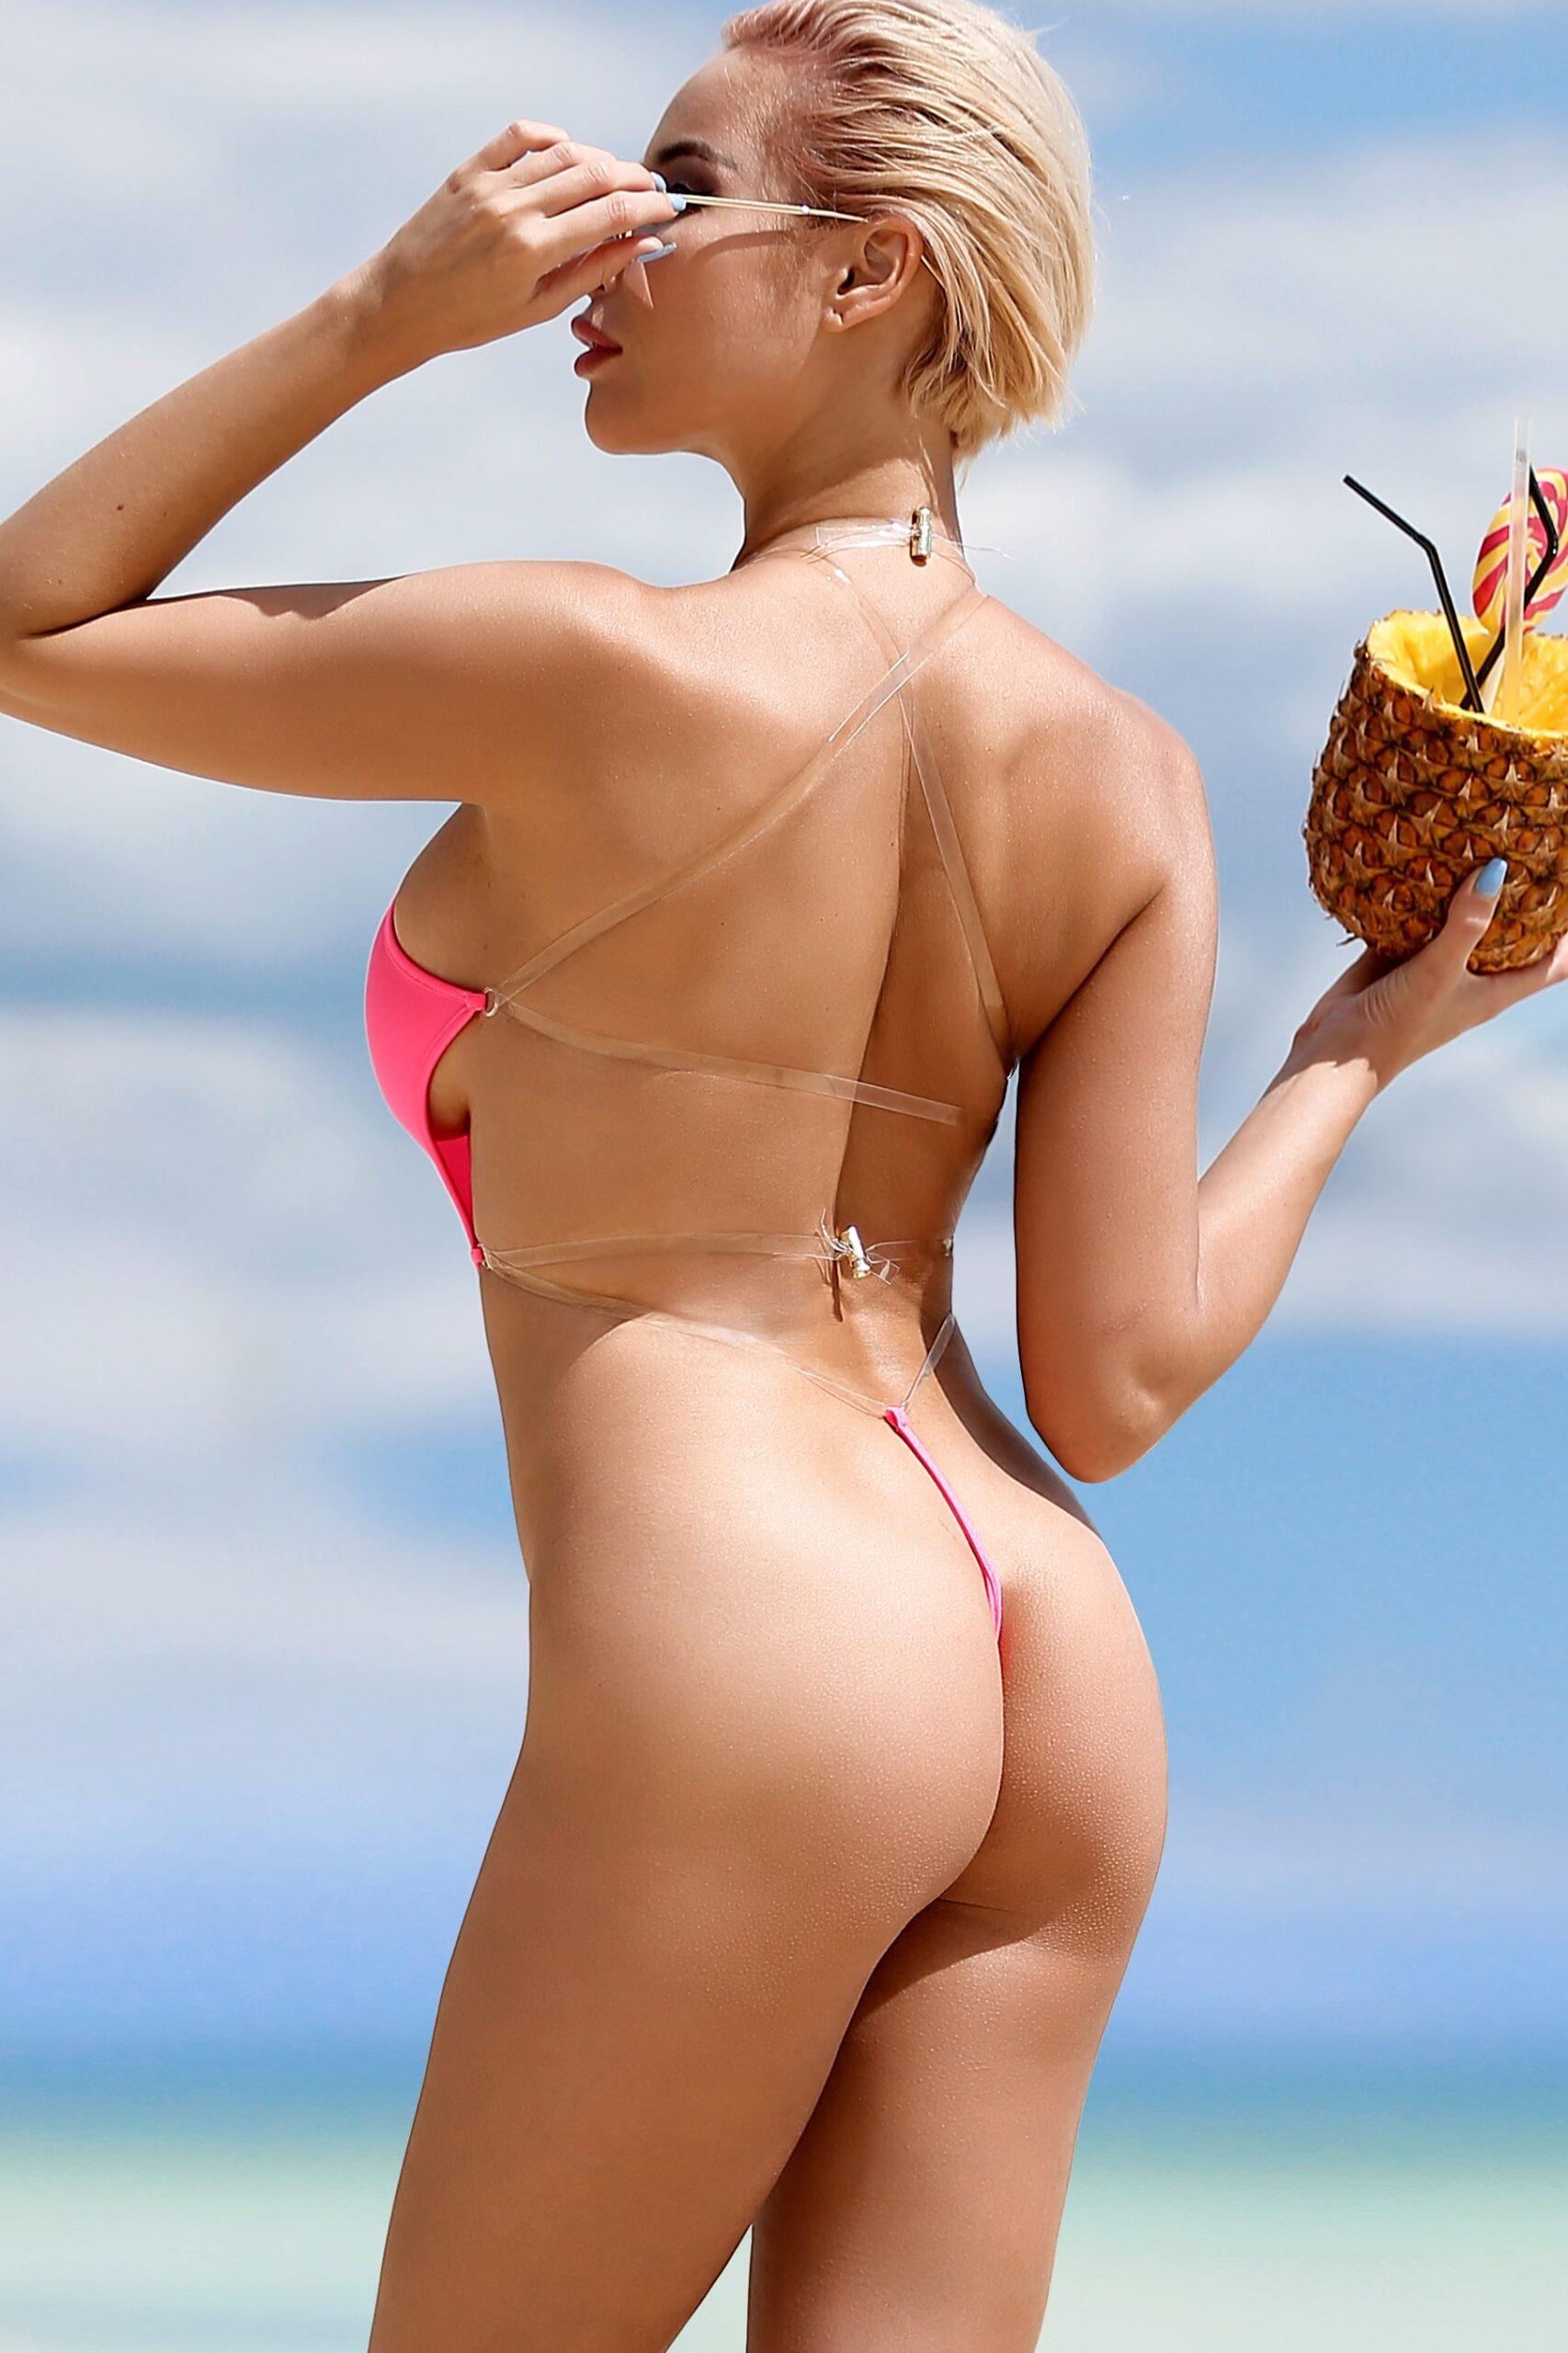 Pink One Piece Swimsuit Bodysuit Monokini Swimwear Hot Sport High Neck Cut Leg Open Back Bathing Suit Beauty Sexy Belt Cute Women's